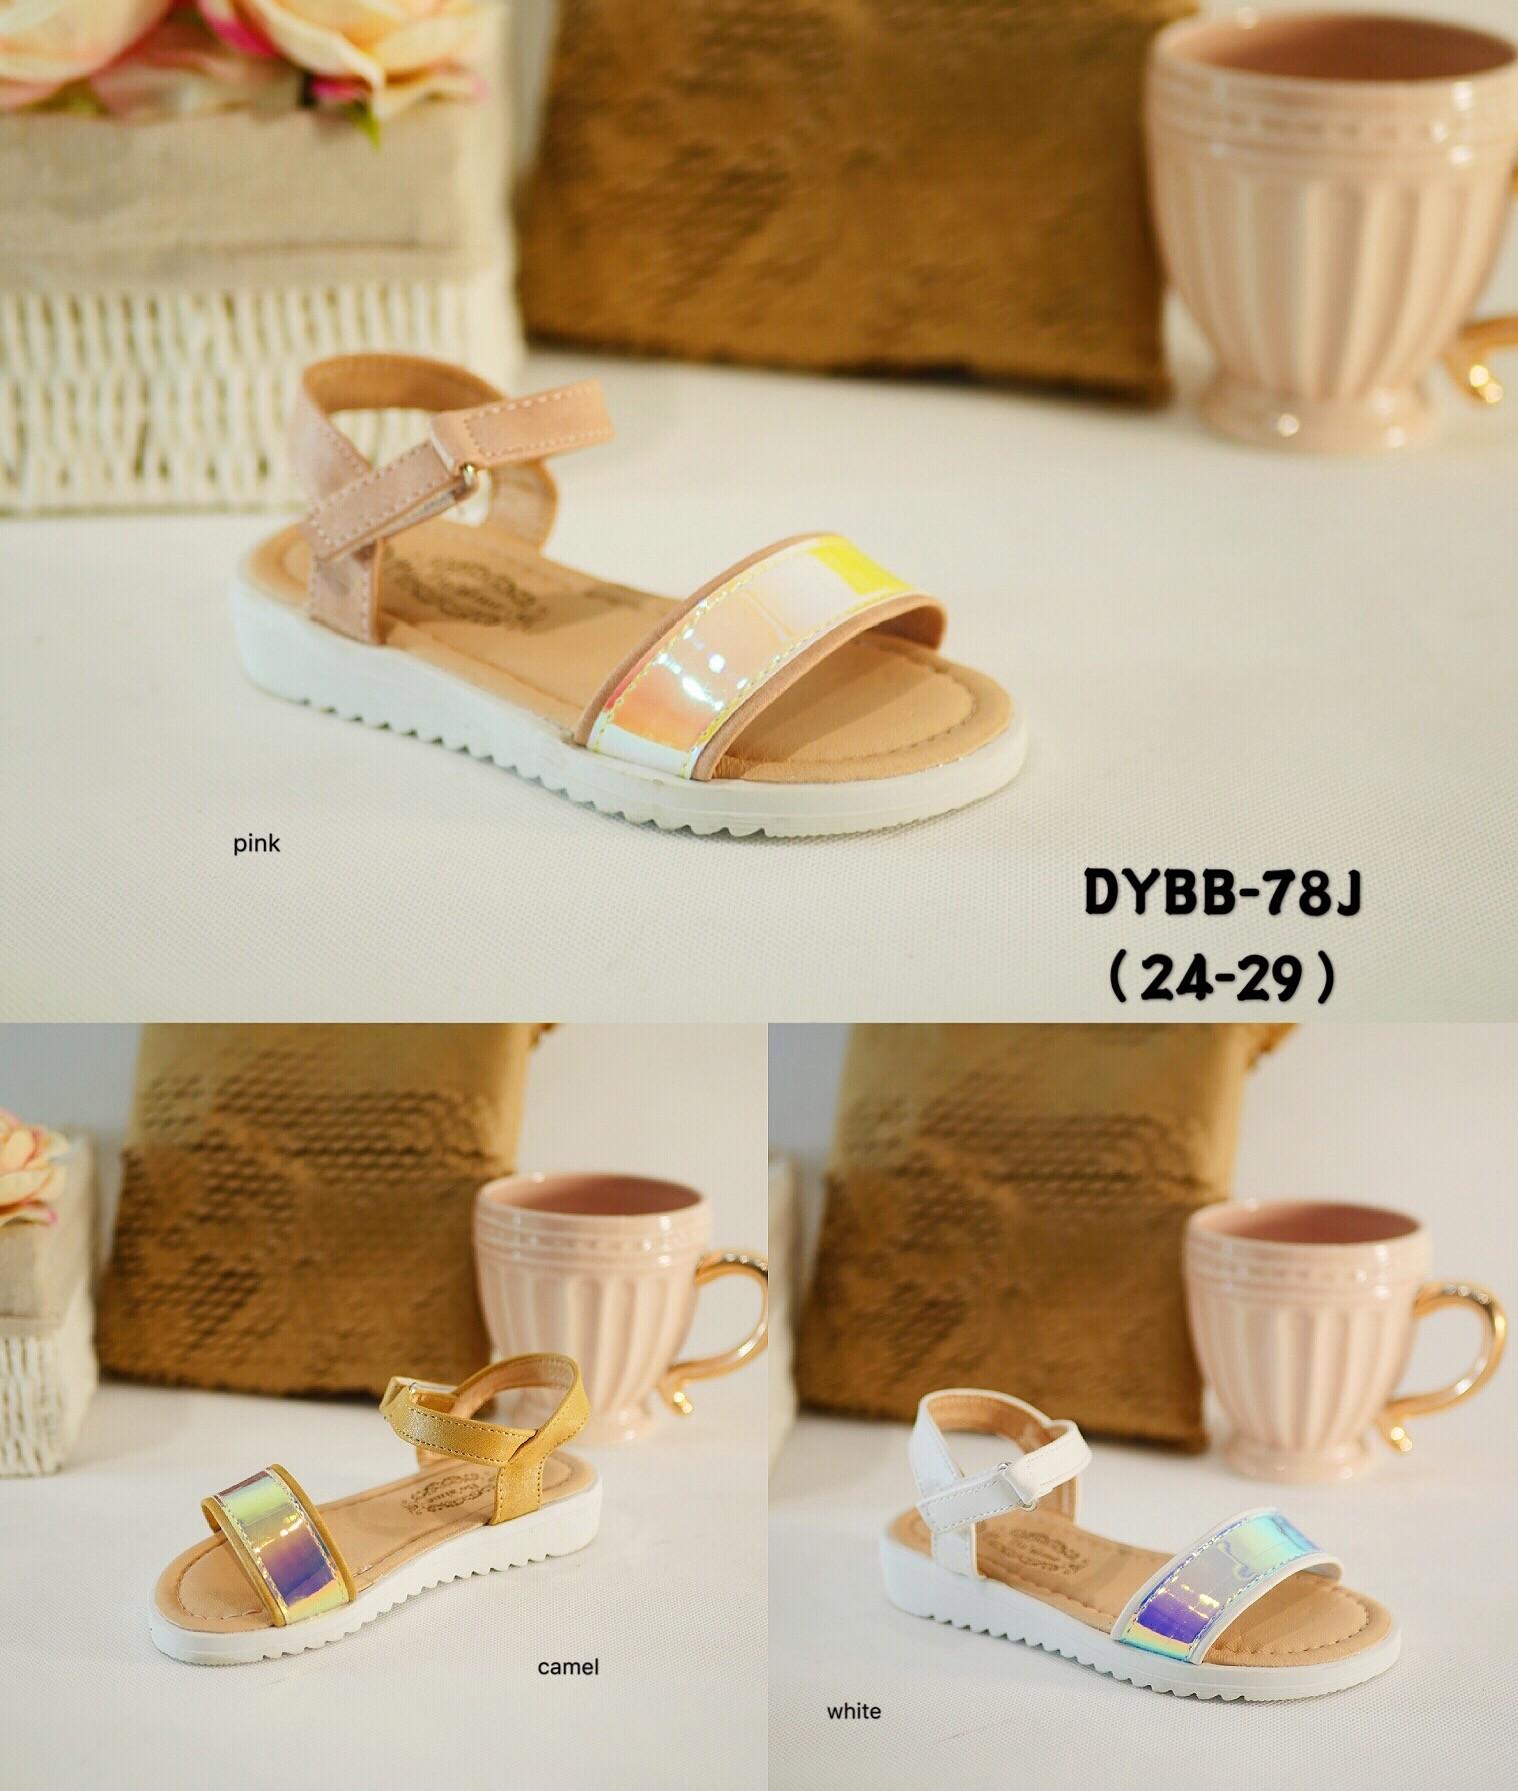 DYBB-78J